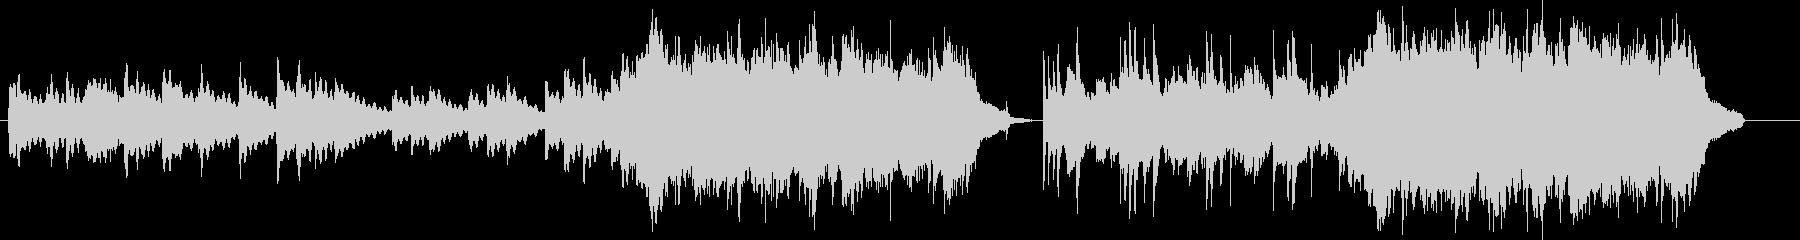 映像系、儚く切ないバラードの未再生の波形